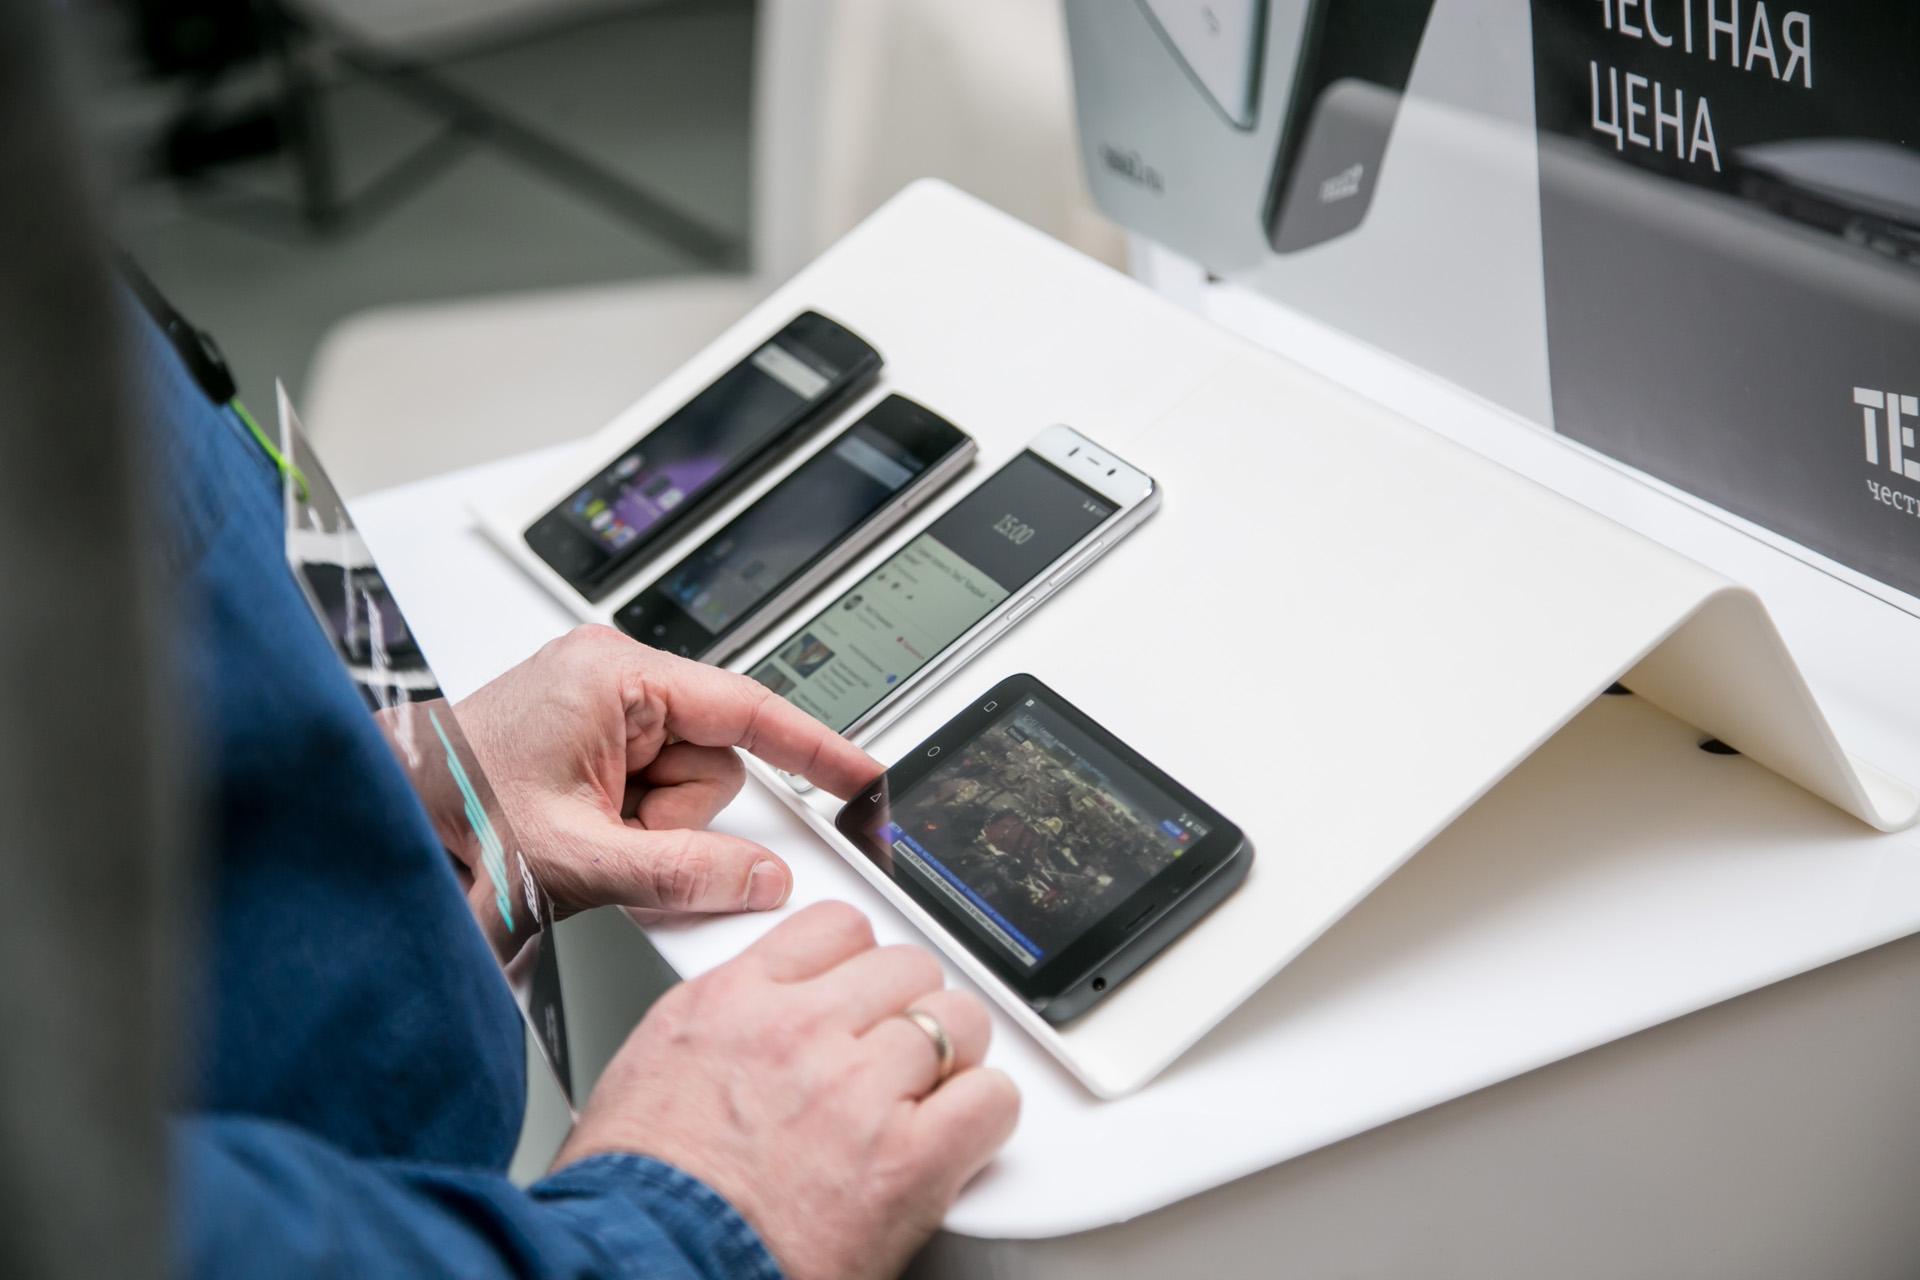 Выбираем брендированные смартфоны сотовых операторов